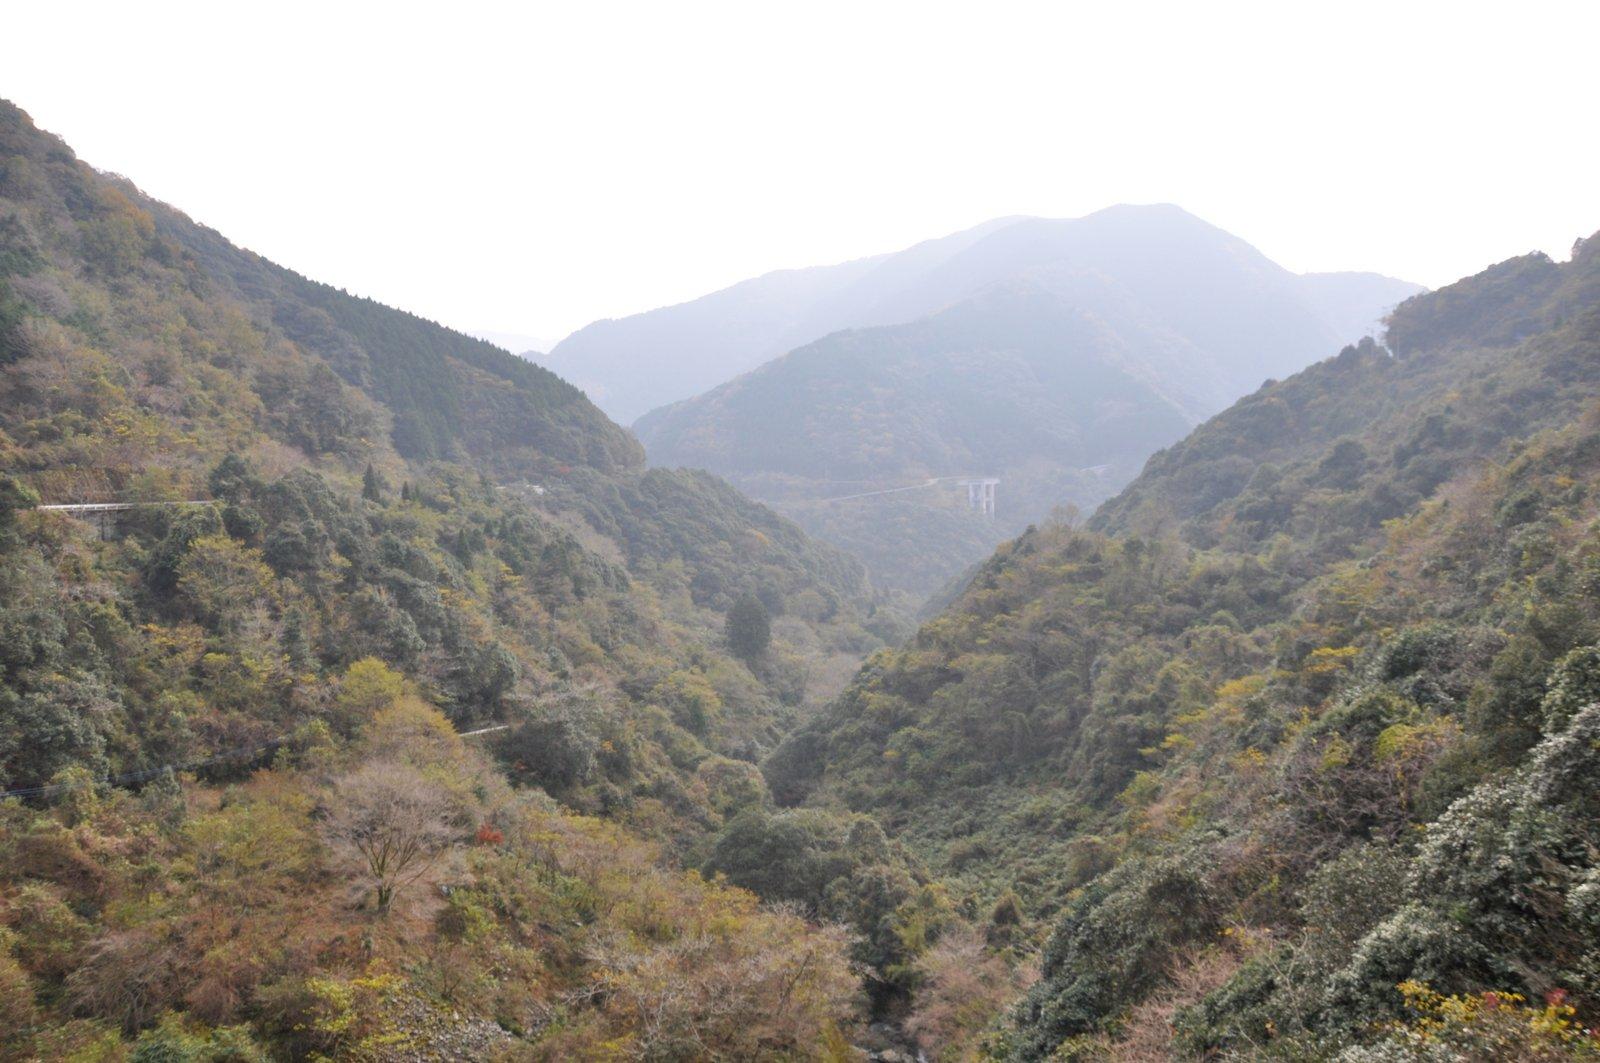 Vue sur les montagnes isolées de Gokanosho sur l'île de Kyushu